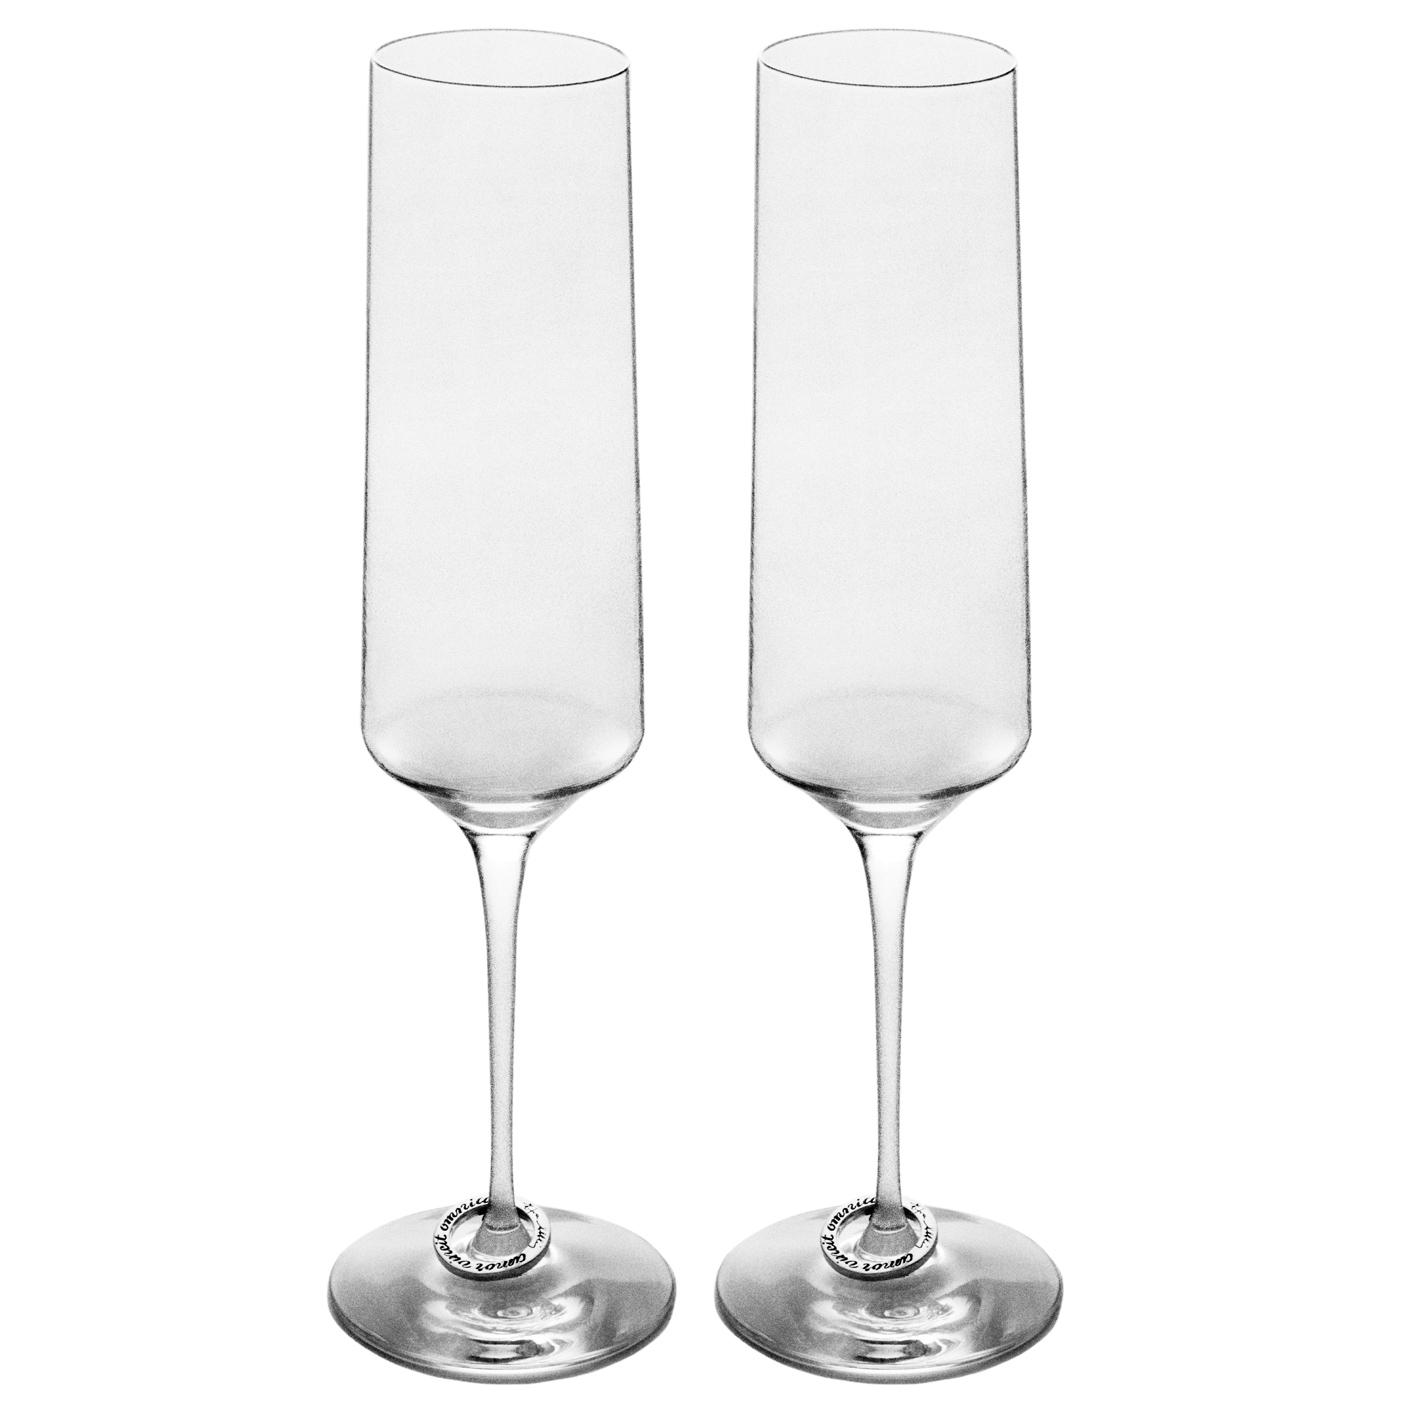 Amor Vincit Omnia Champagneglas 18 cl 2-pack